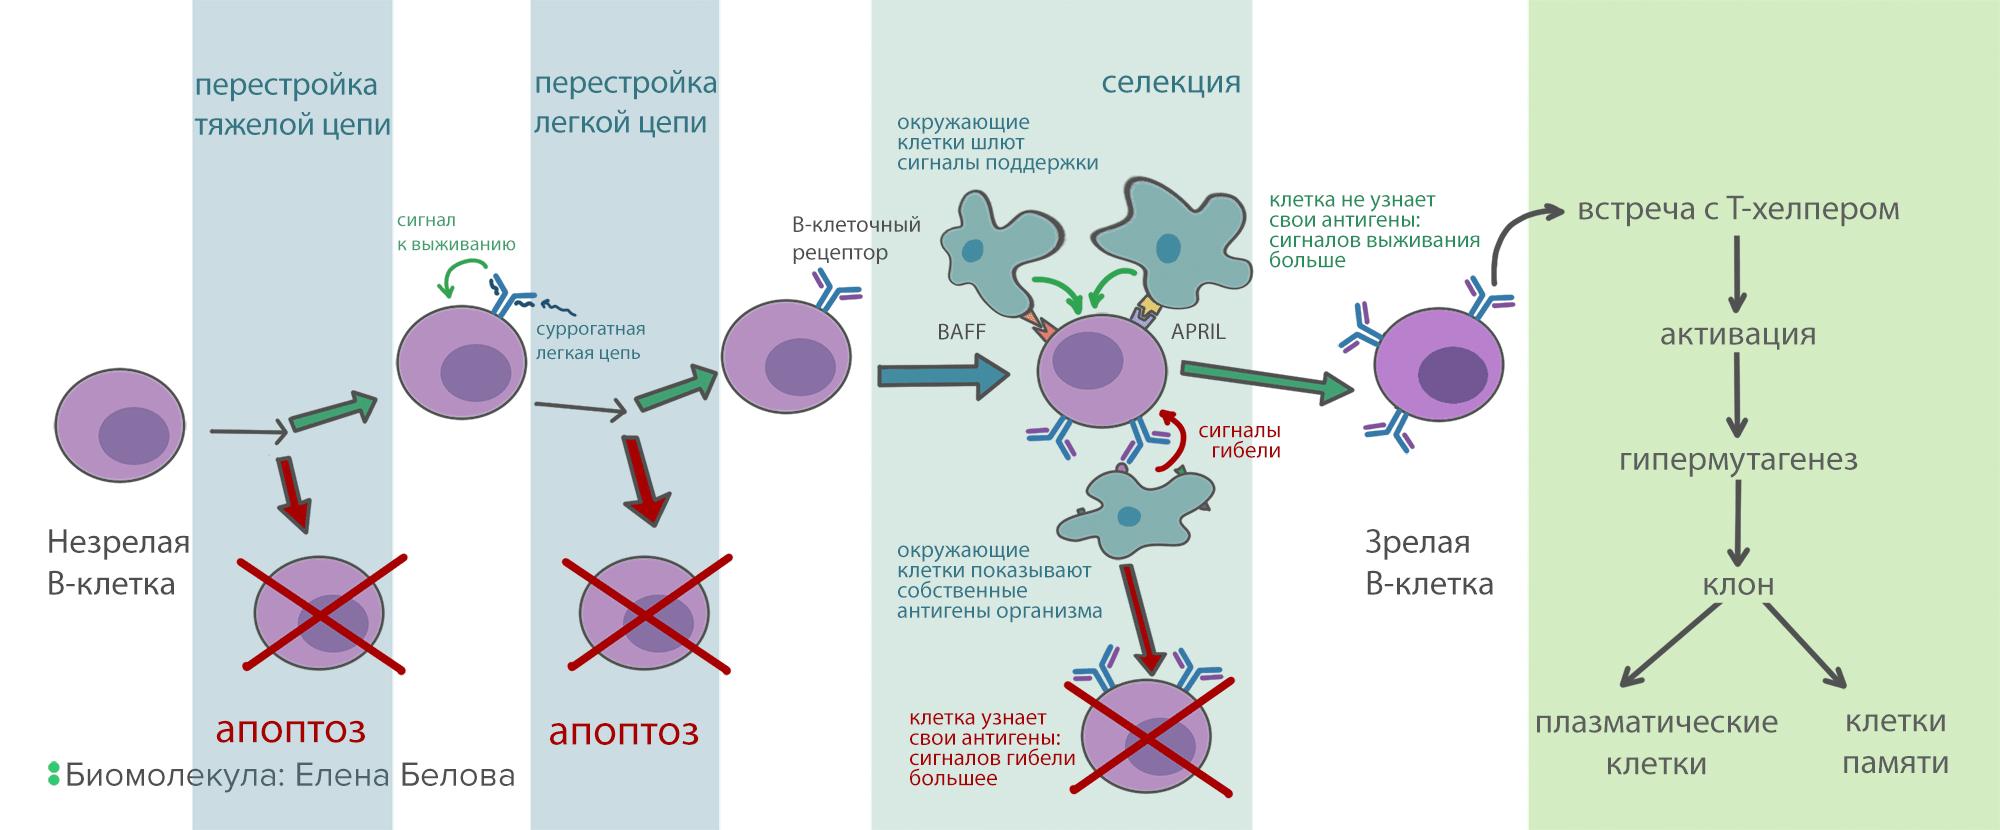 Схема развития В-клеток